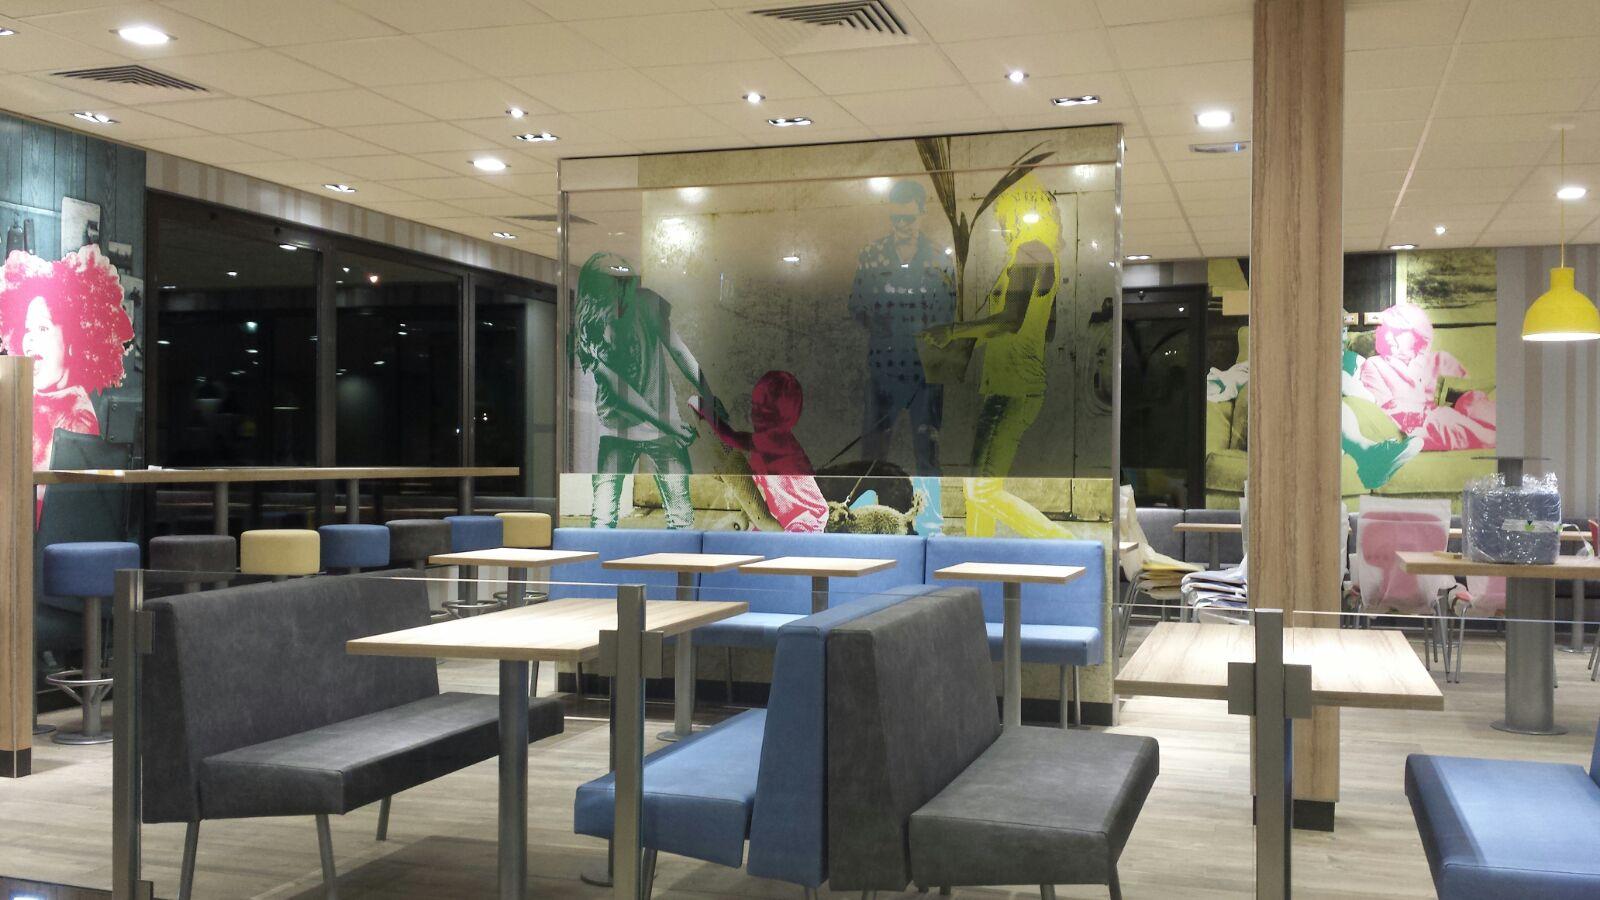 Arredamento bar e ristoranti mcdonald 39 s mirabilandia for Arredamento bar e ristoranti